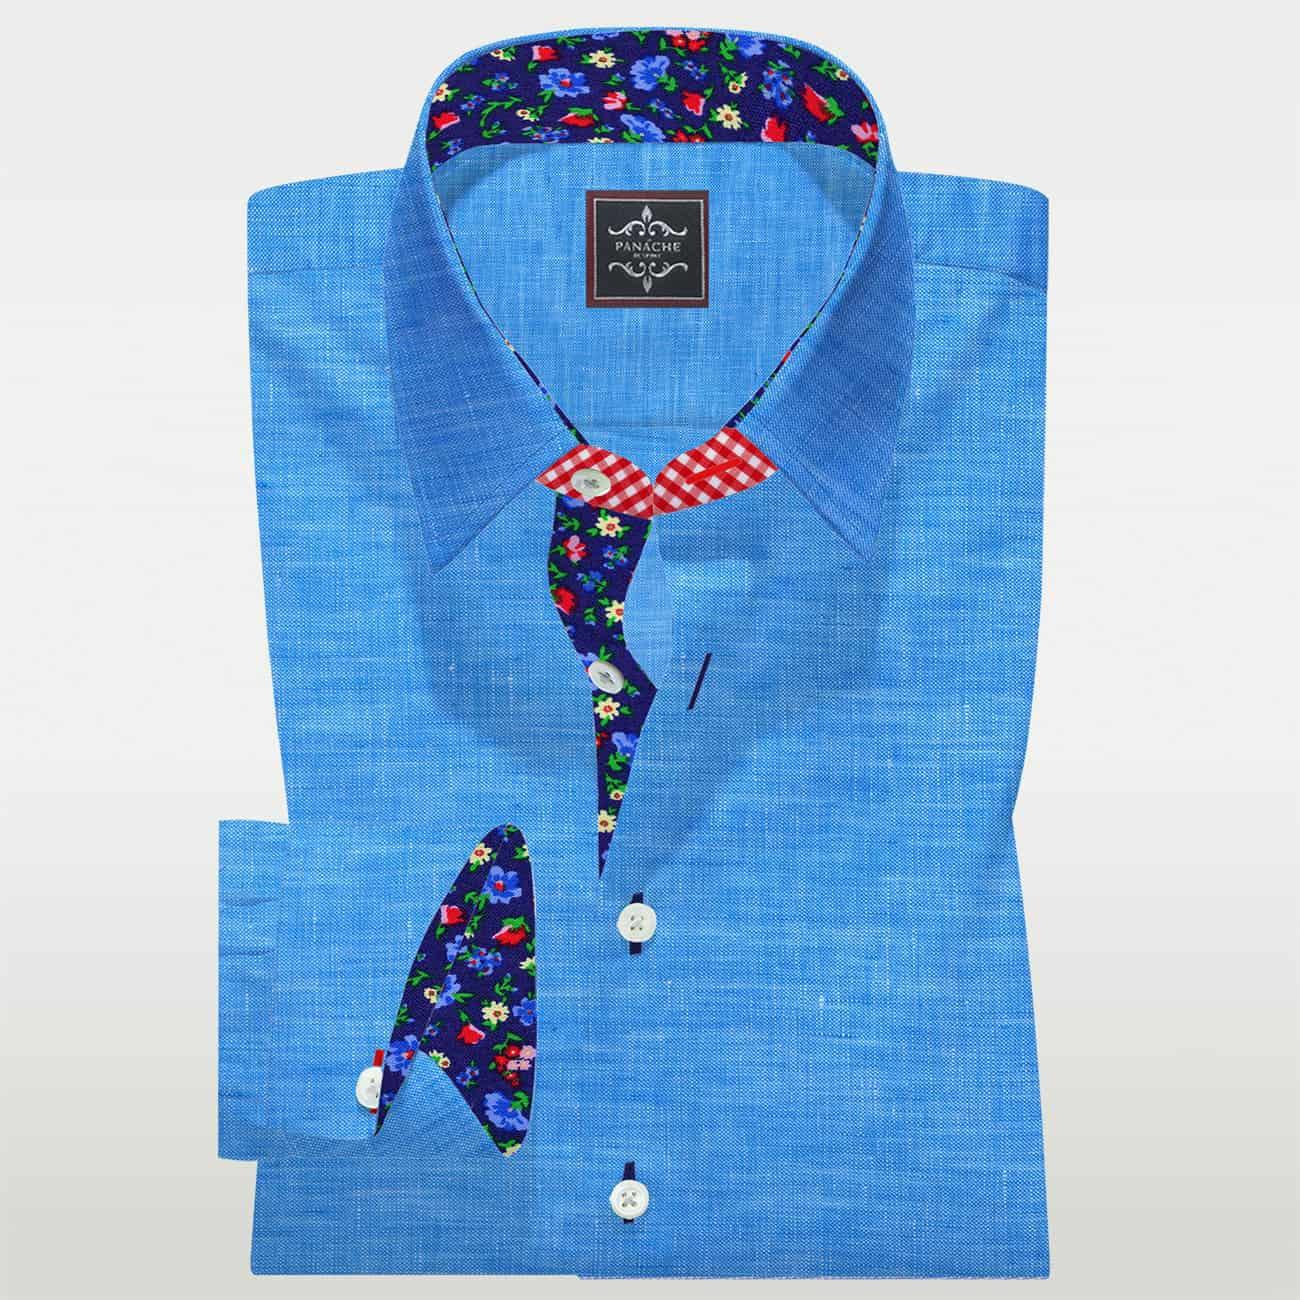 Mens Linen Dress Shirts | Cyan Linen bespoke shirt